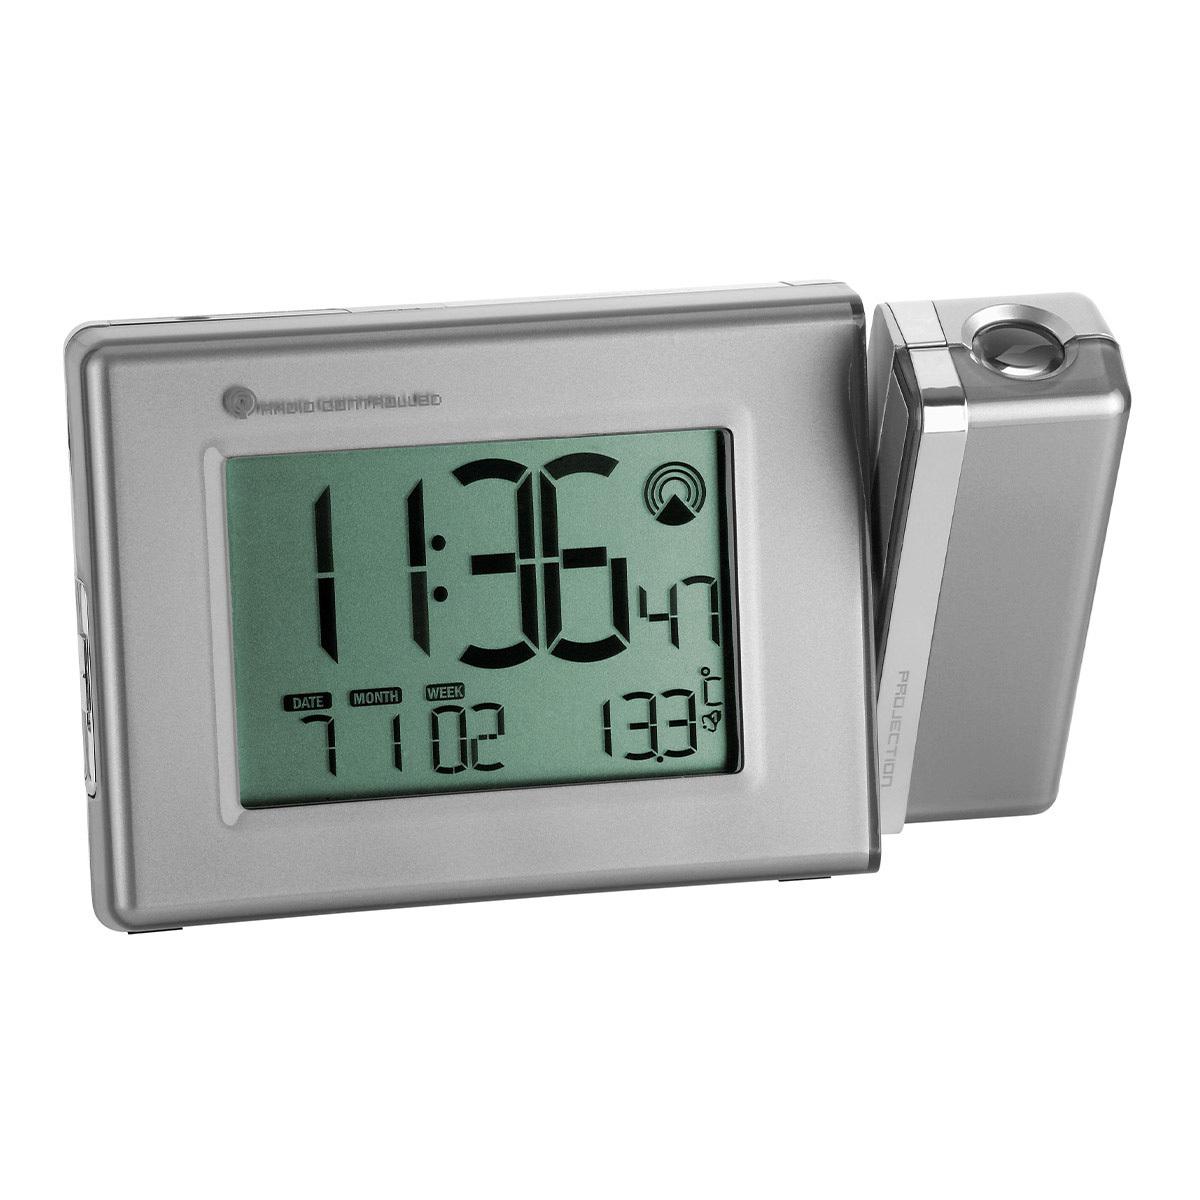 98-1085-funk-projektionswecker-mit-temperatur-1200x1200px.jpg